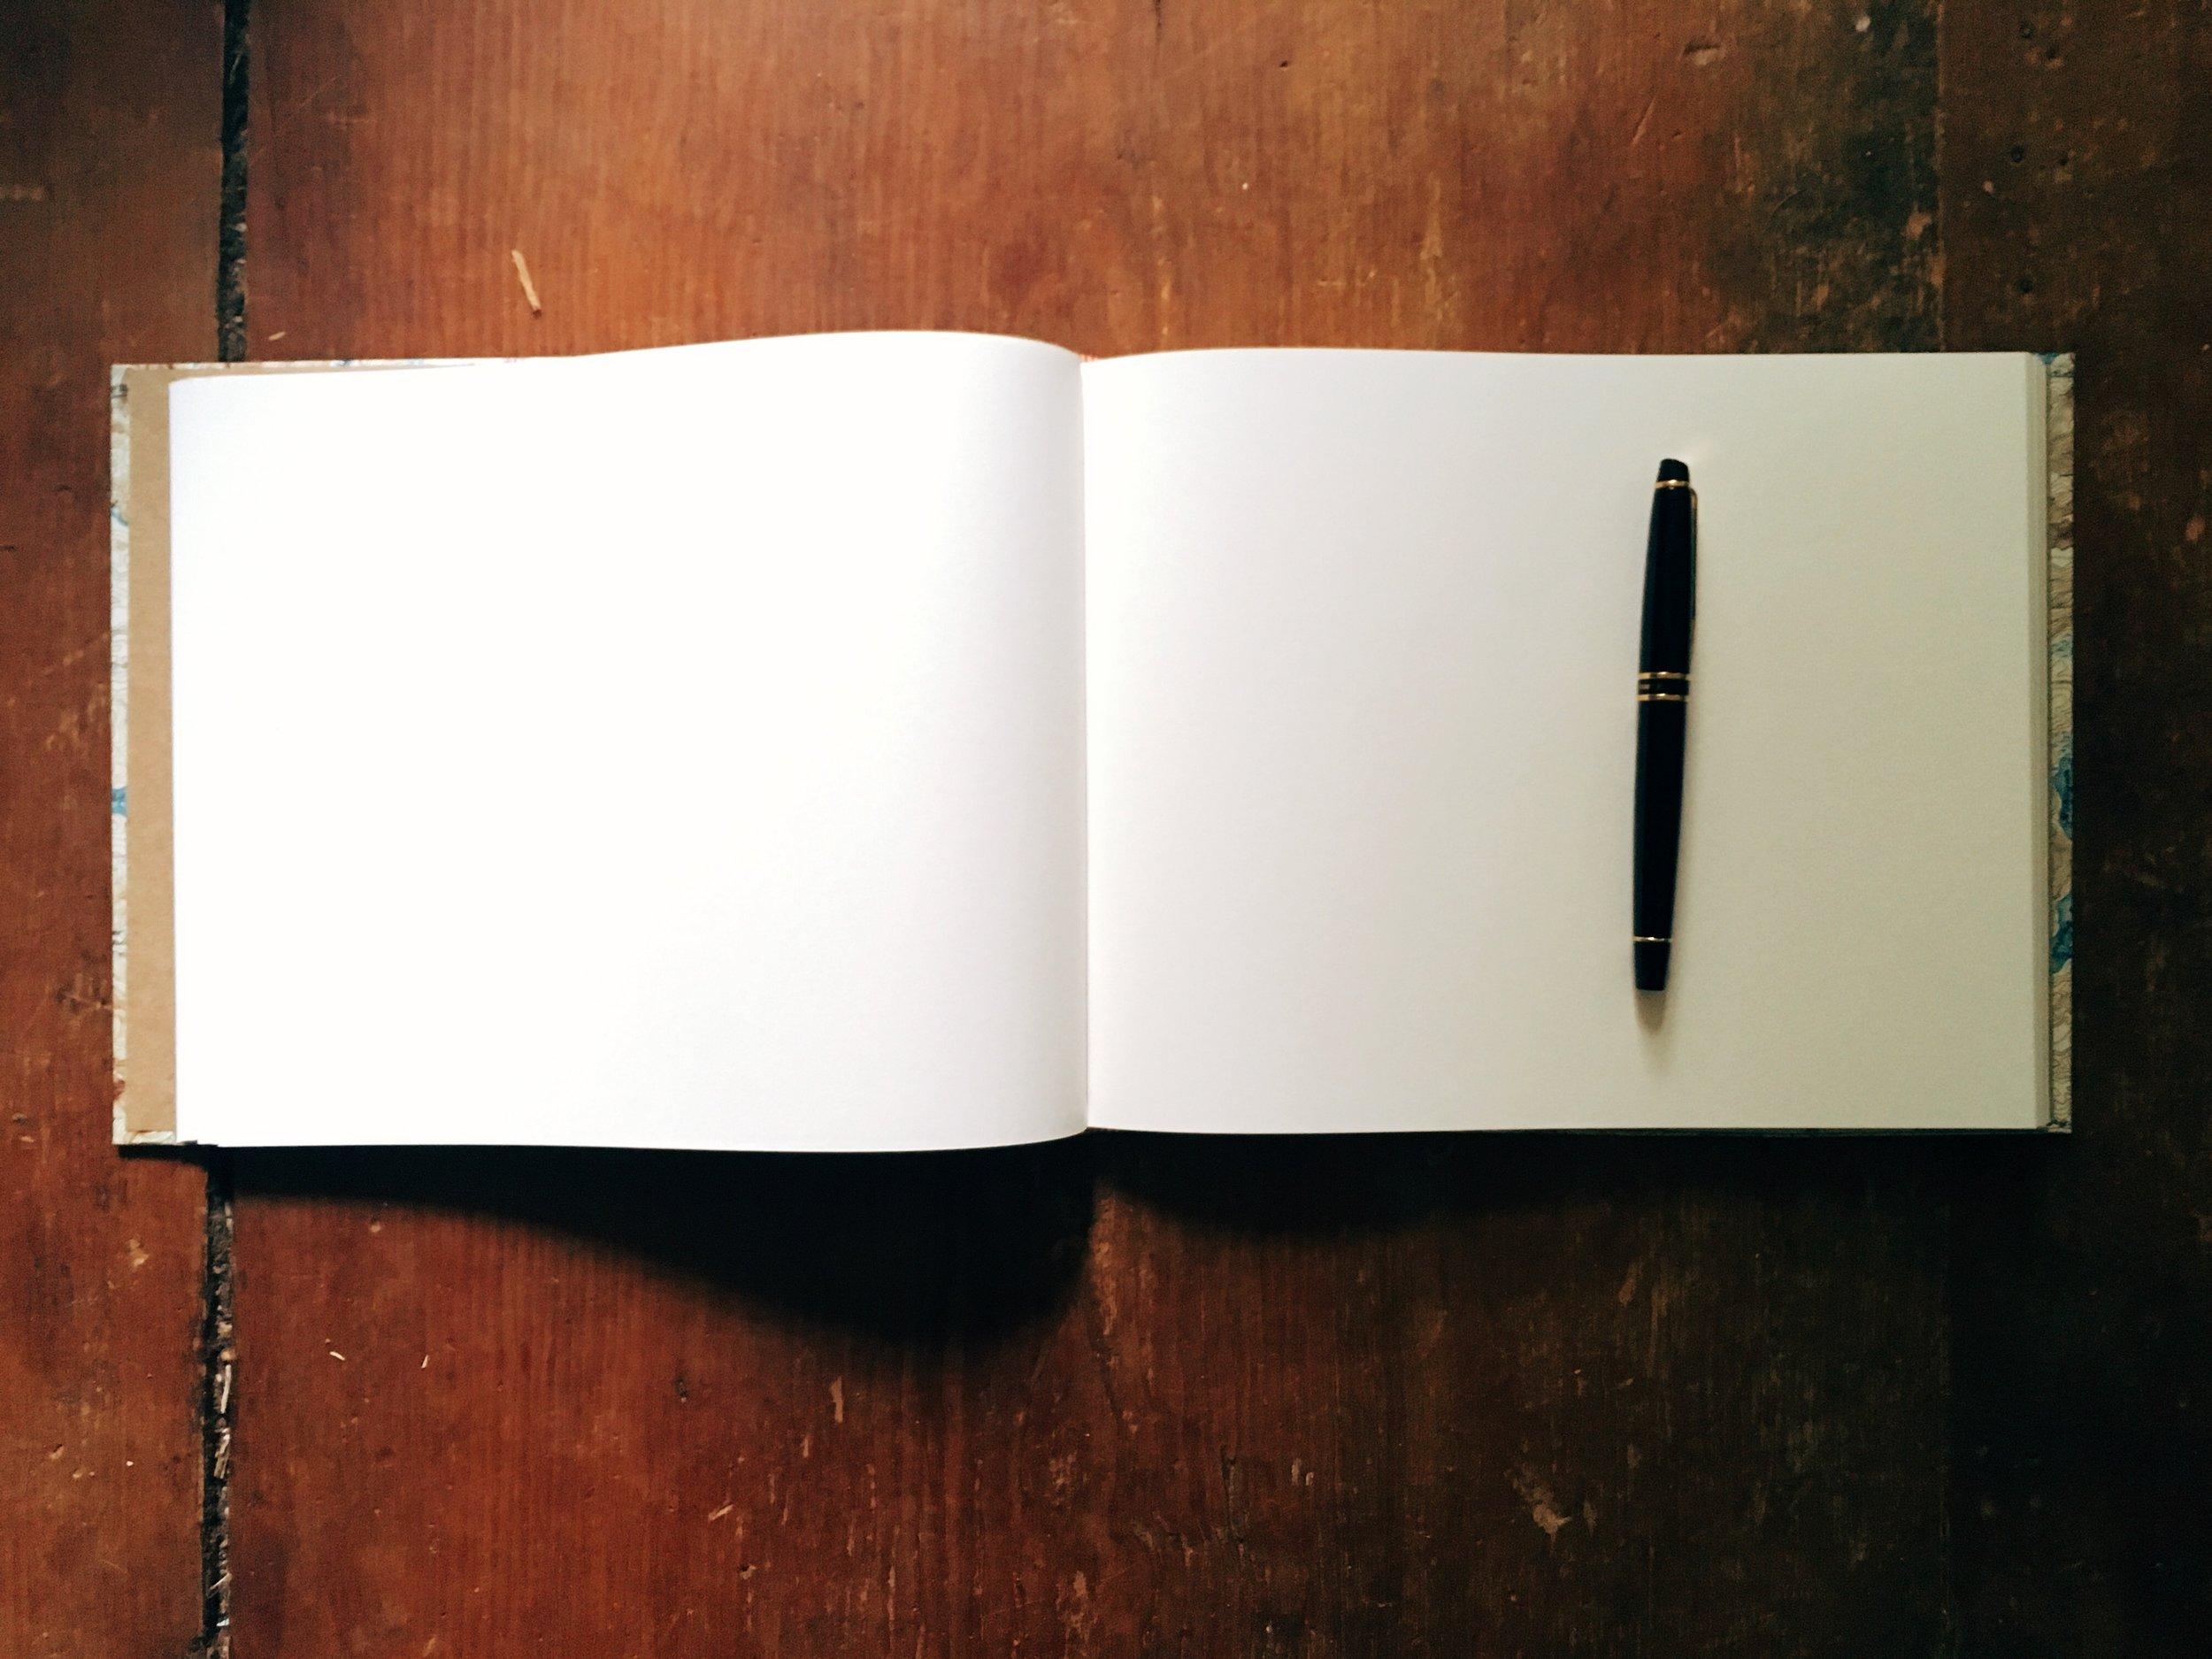 dski-large-guest-book-5.jpg